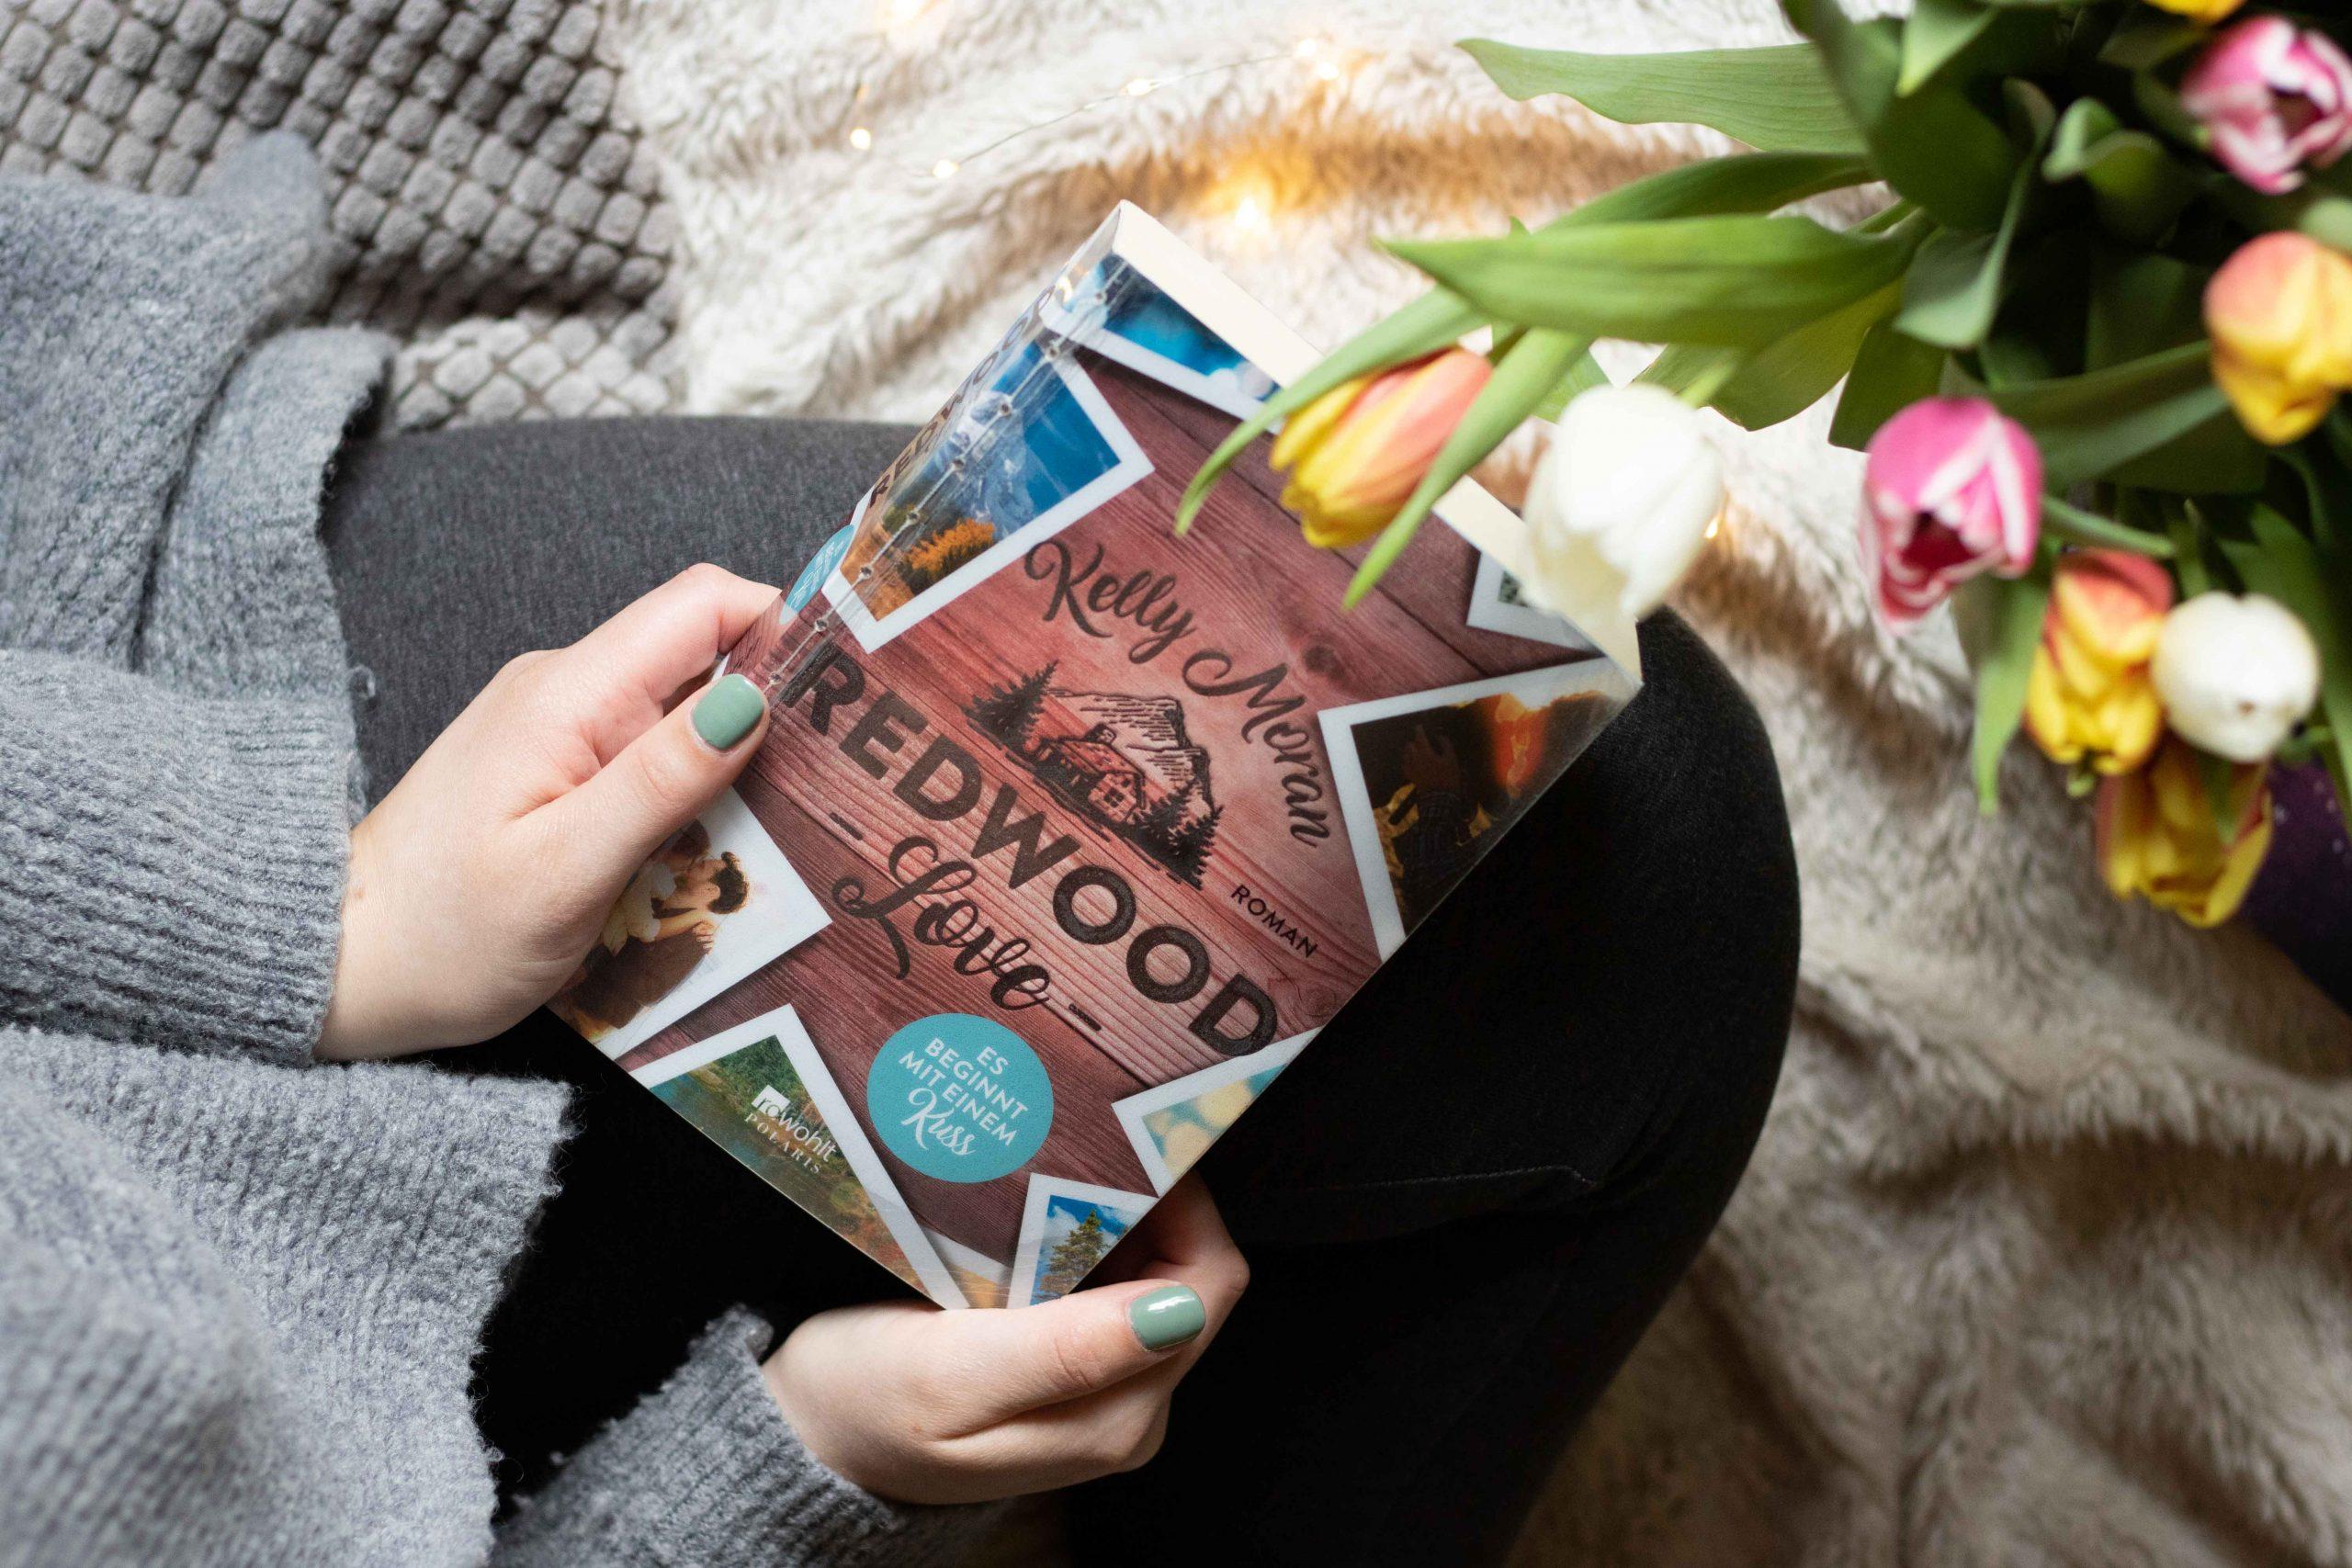 Redwood Love – Es beginnt mit einem Kuss | Kelly Moran